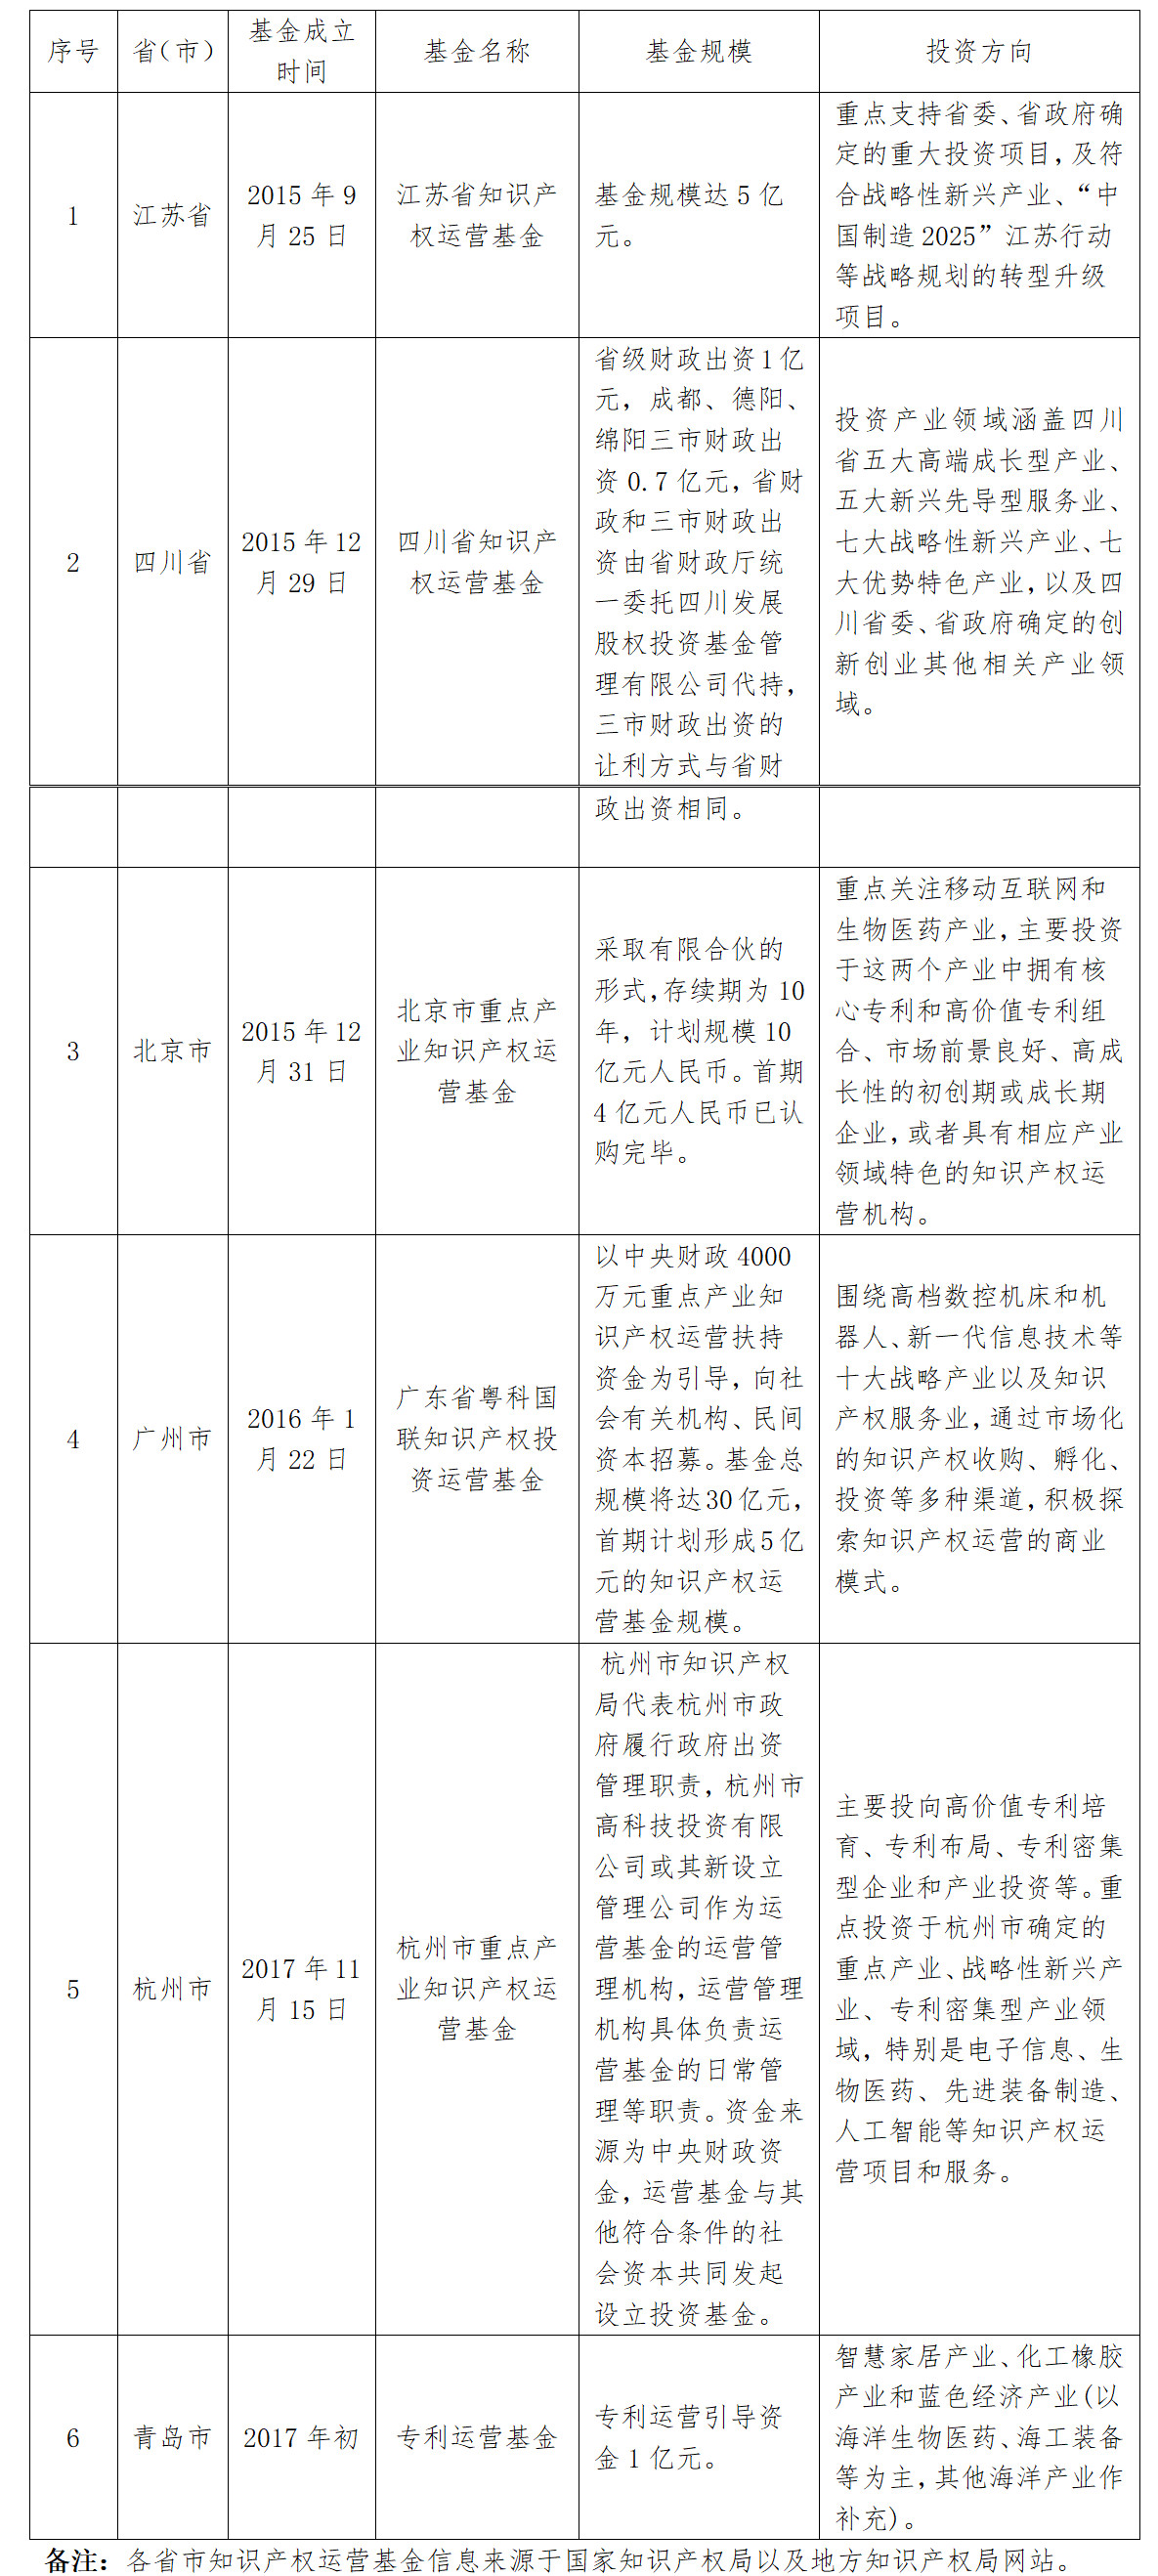 首期规模2.1亿元!《深圳市知识产权运营基金管理办法(征求意见稿)》全文